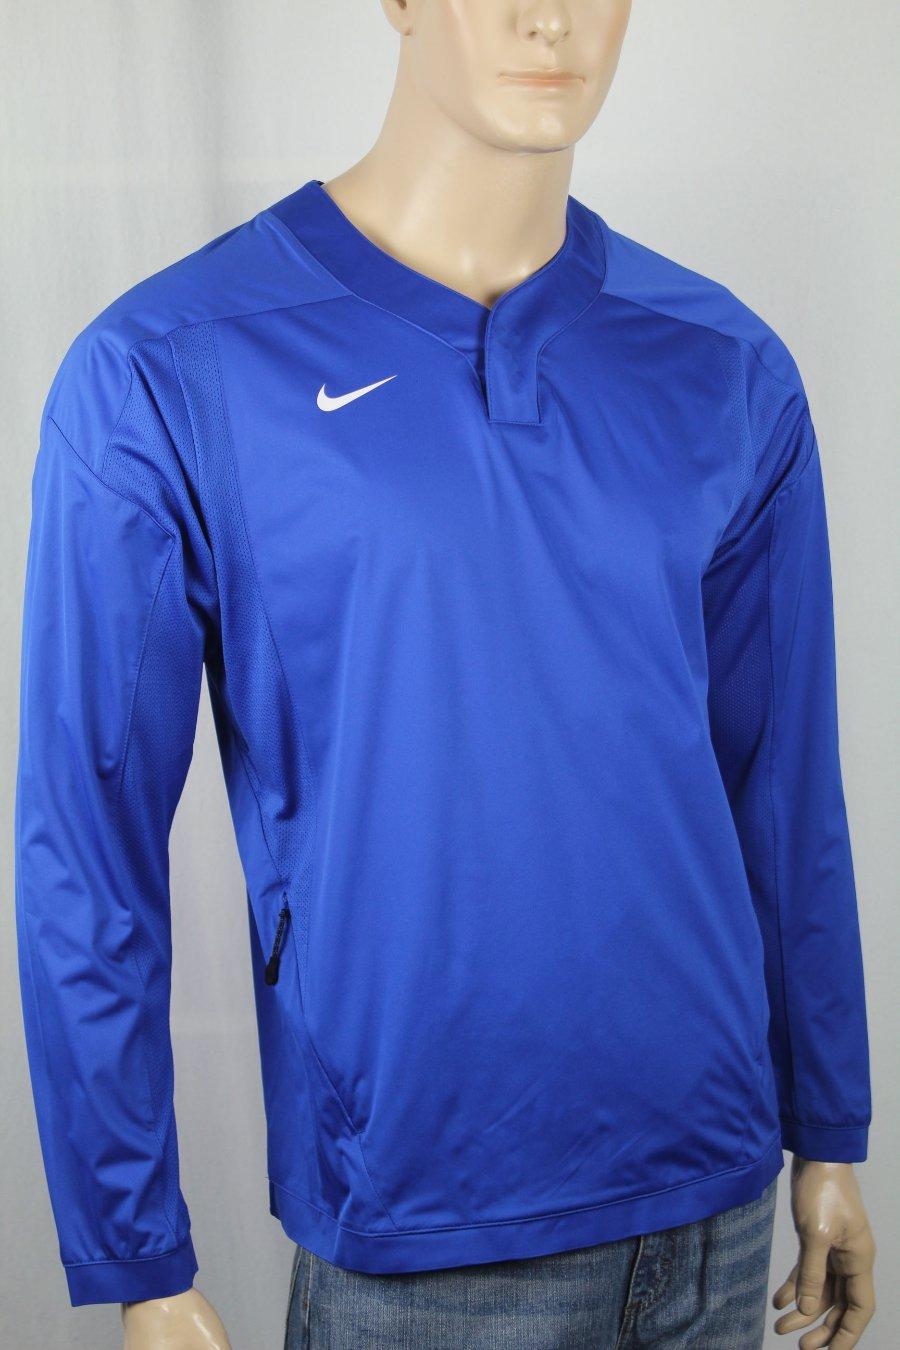 Détails sur Nike Royal Bleu Vapeur Manches Longues Baseball Vent Chemise Nwt 808188